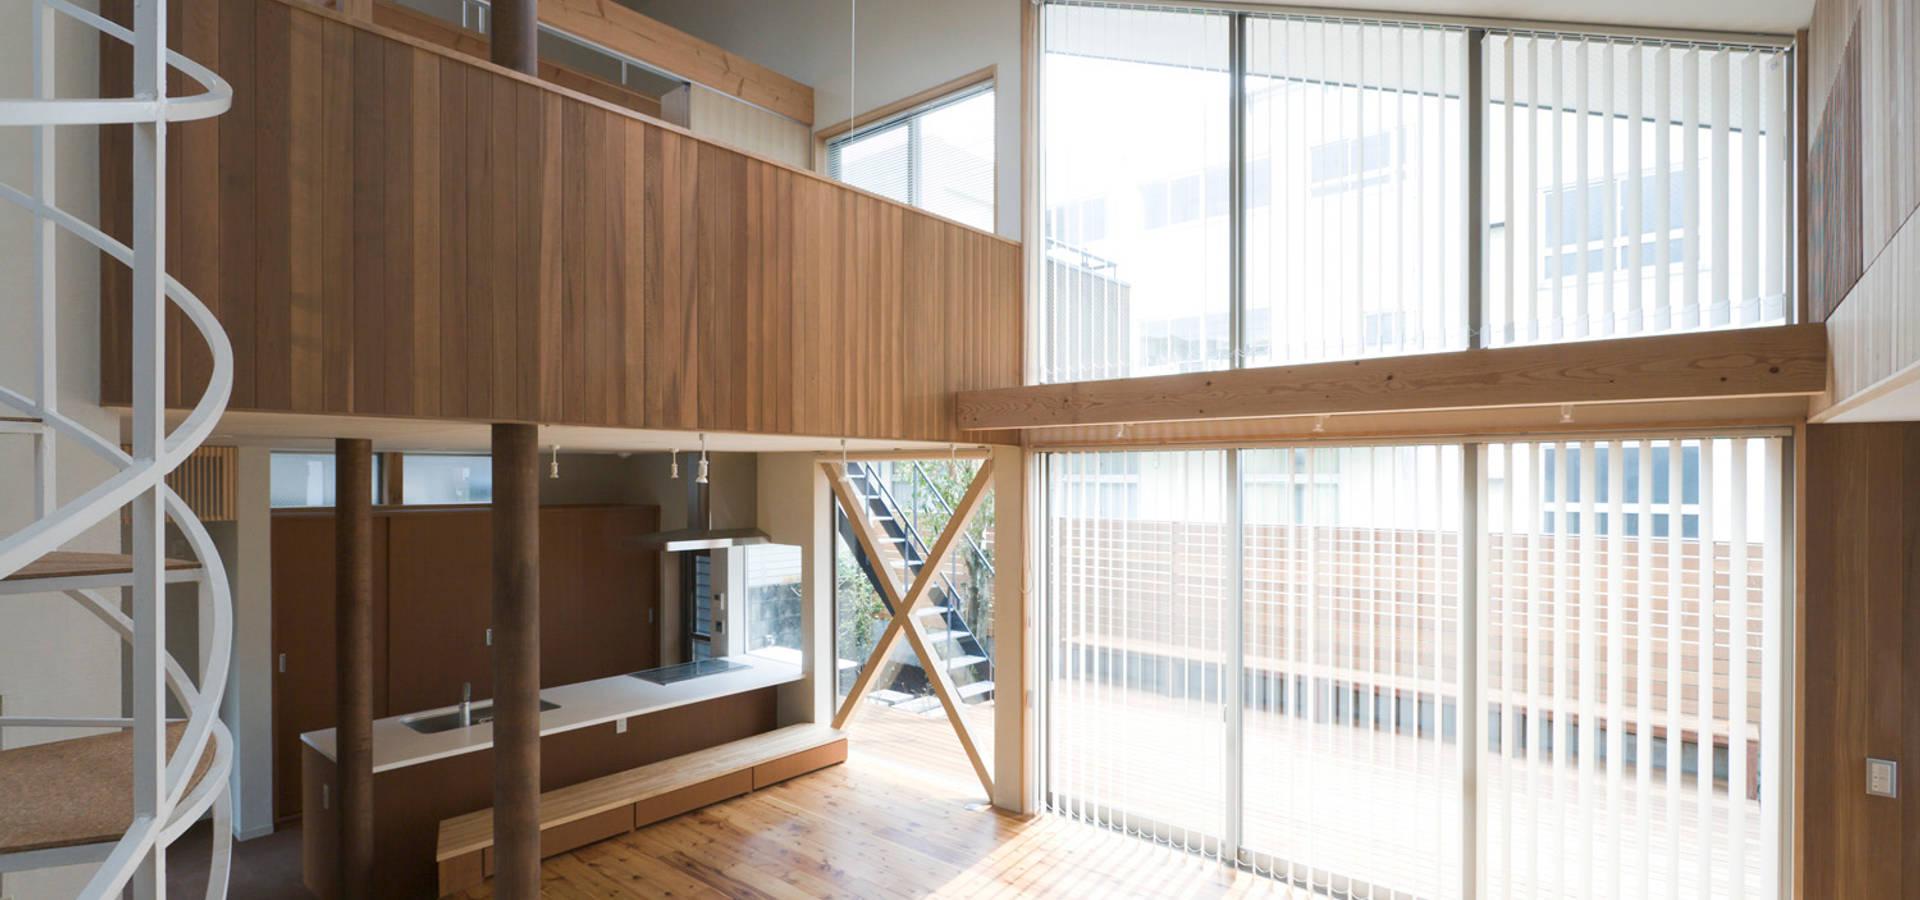 松本剛建築研究室